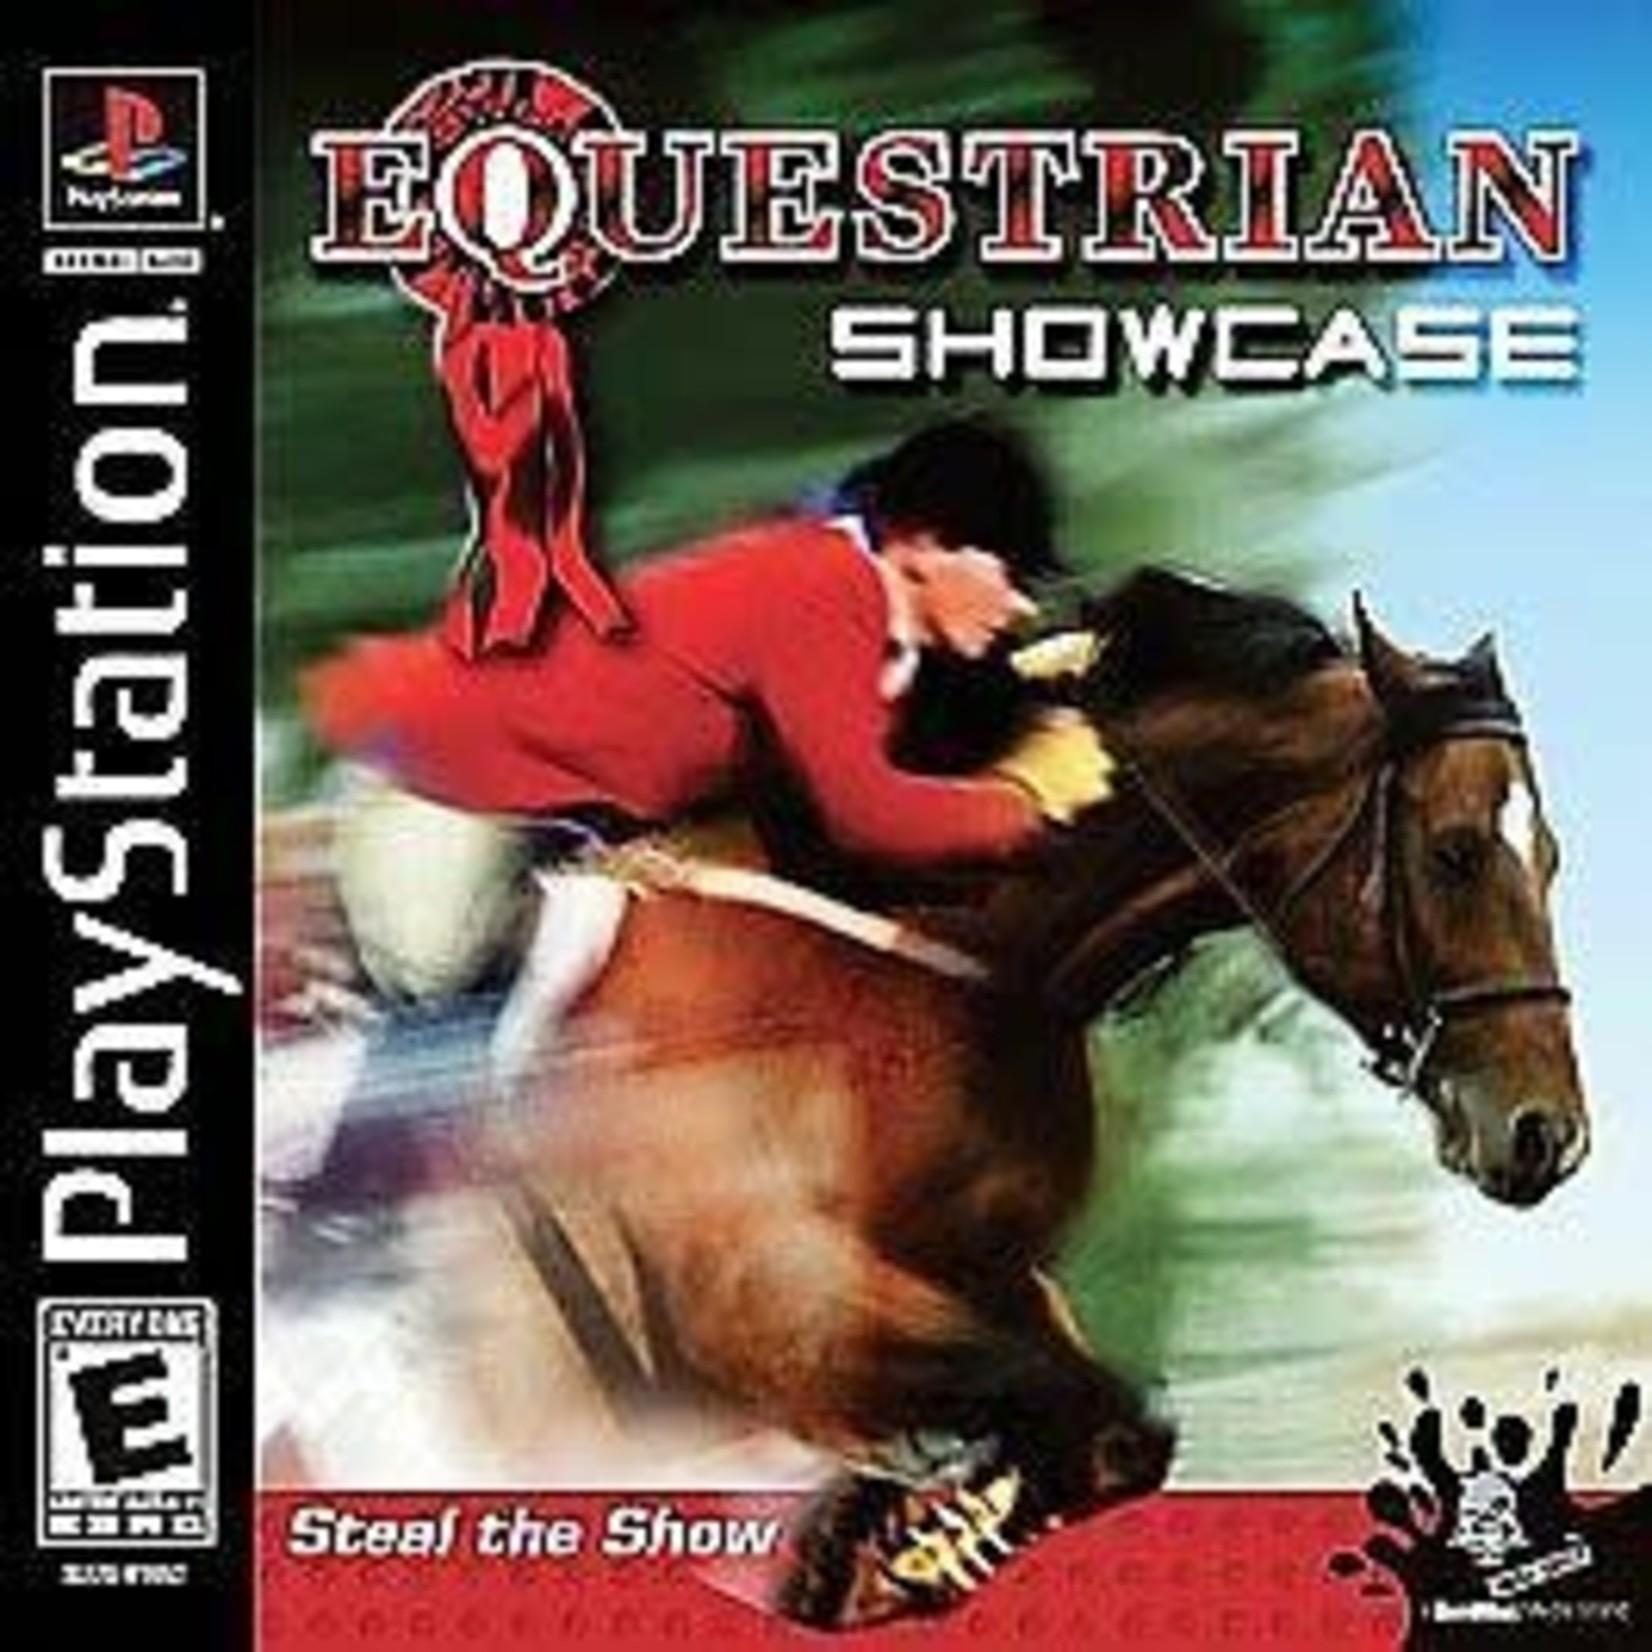 ps1u-Equestrian Showcase